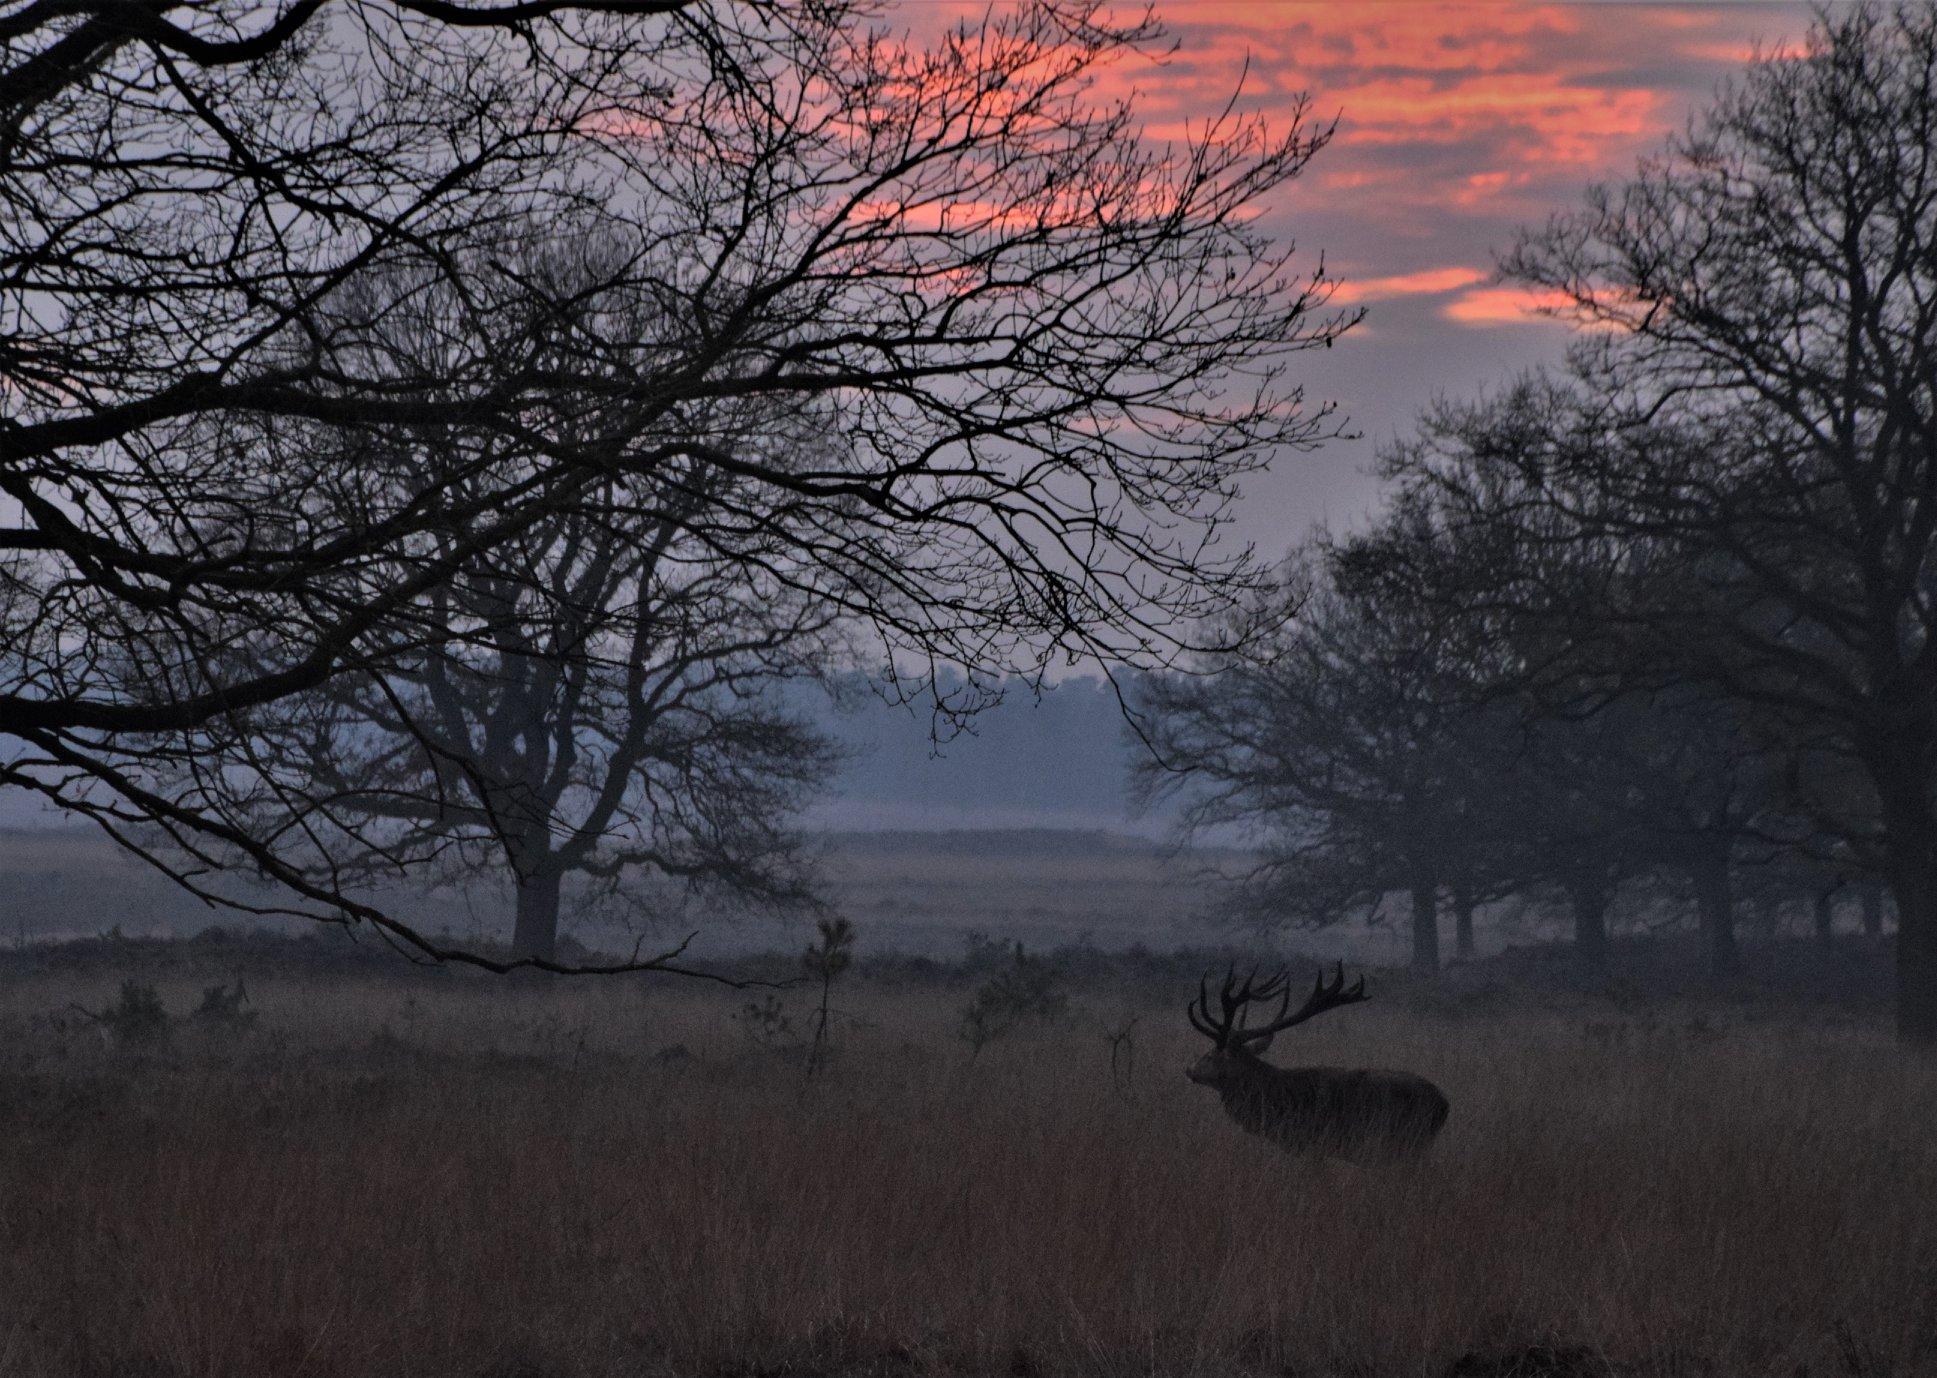 Hubertus op weg naar het open veld – Foto: ©Nel Vlieland